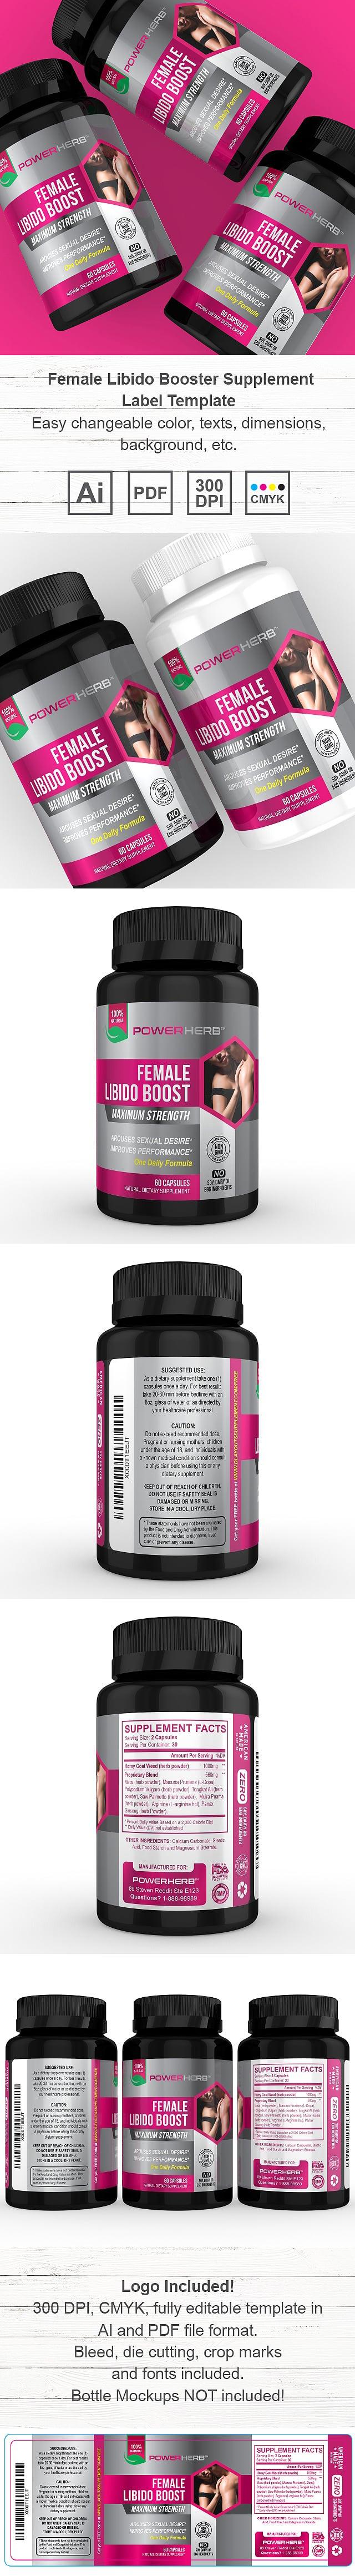 Women Libido Booster Supplement Label Template